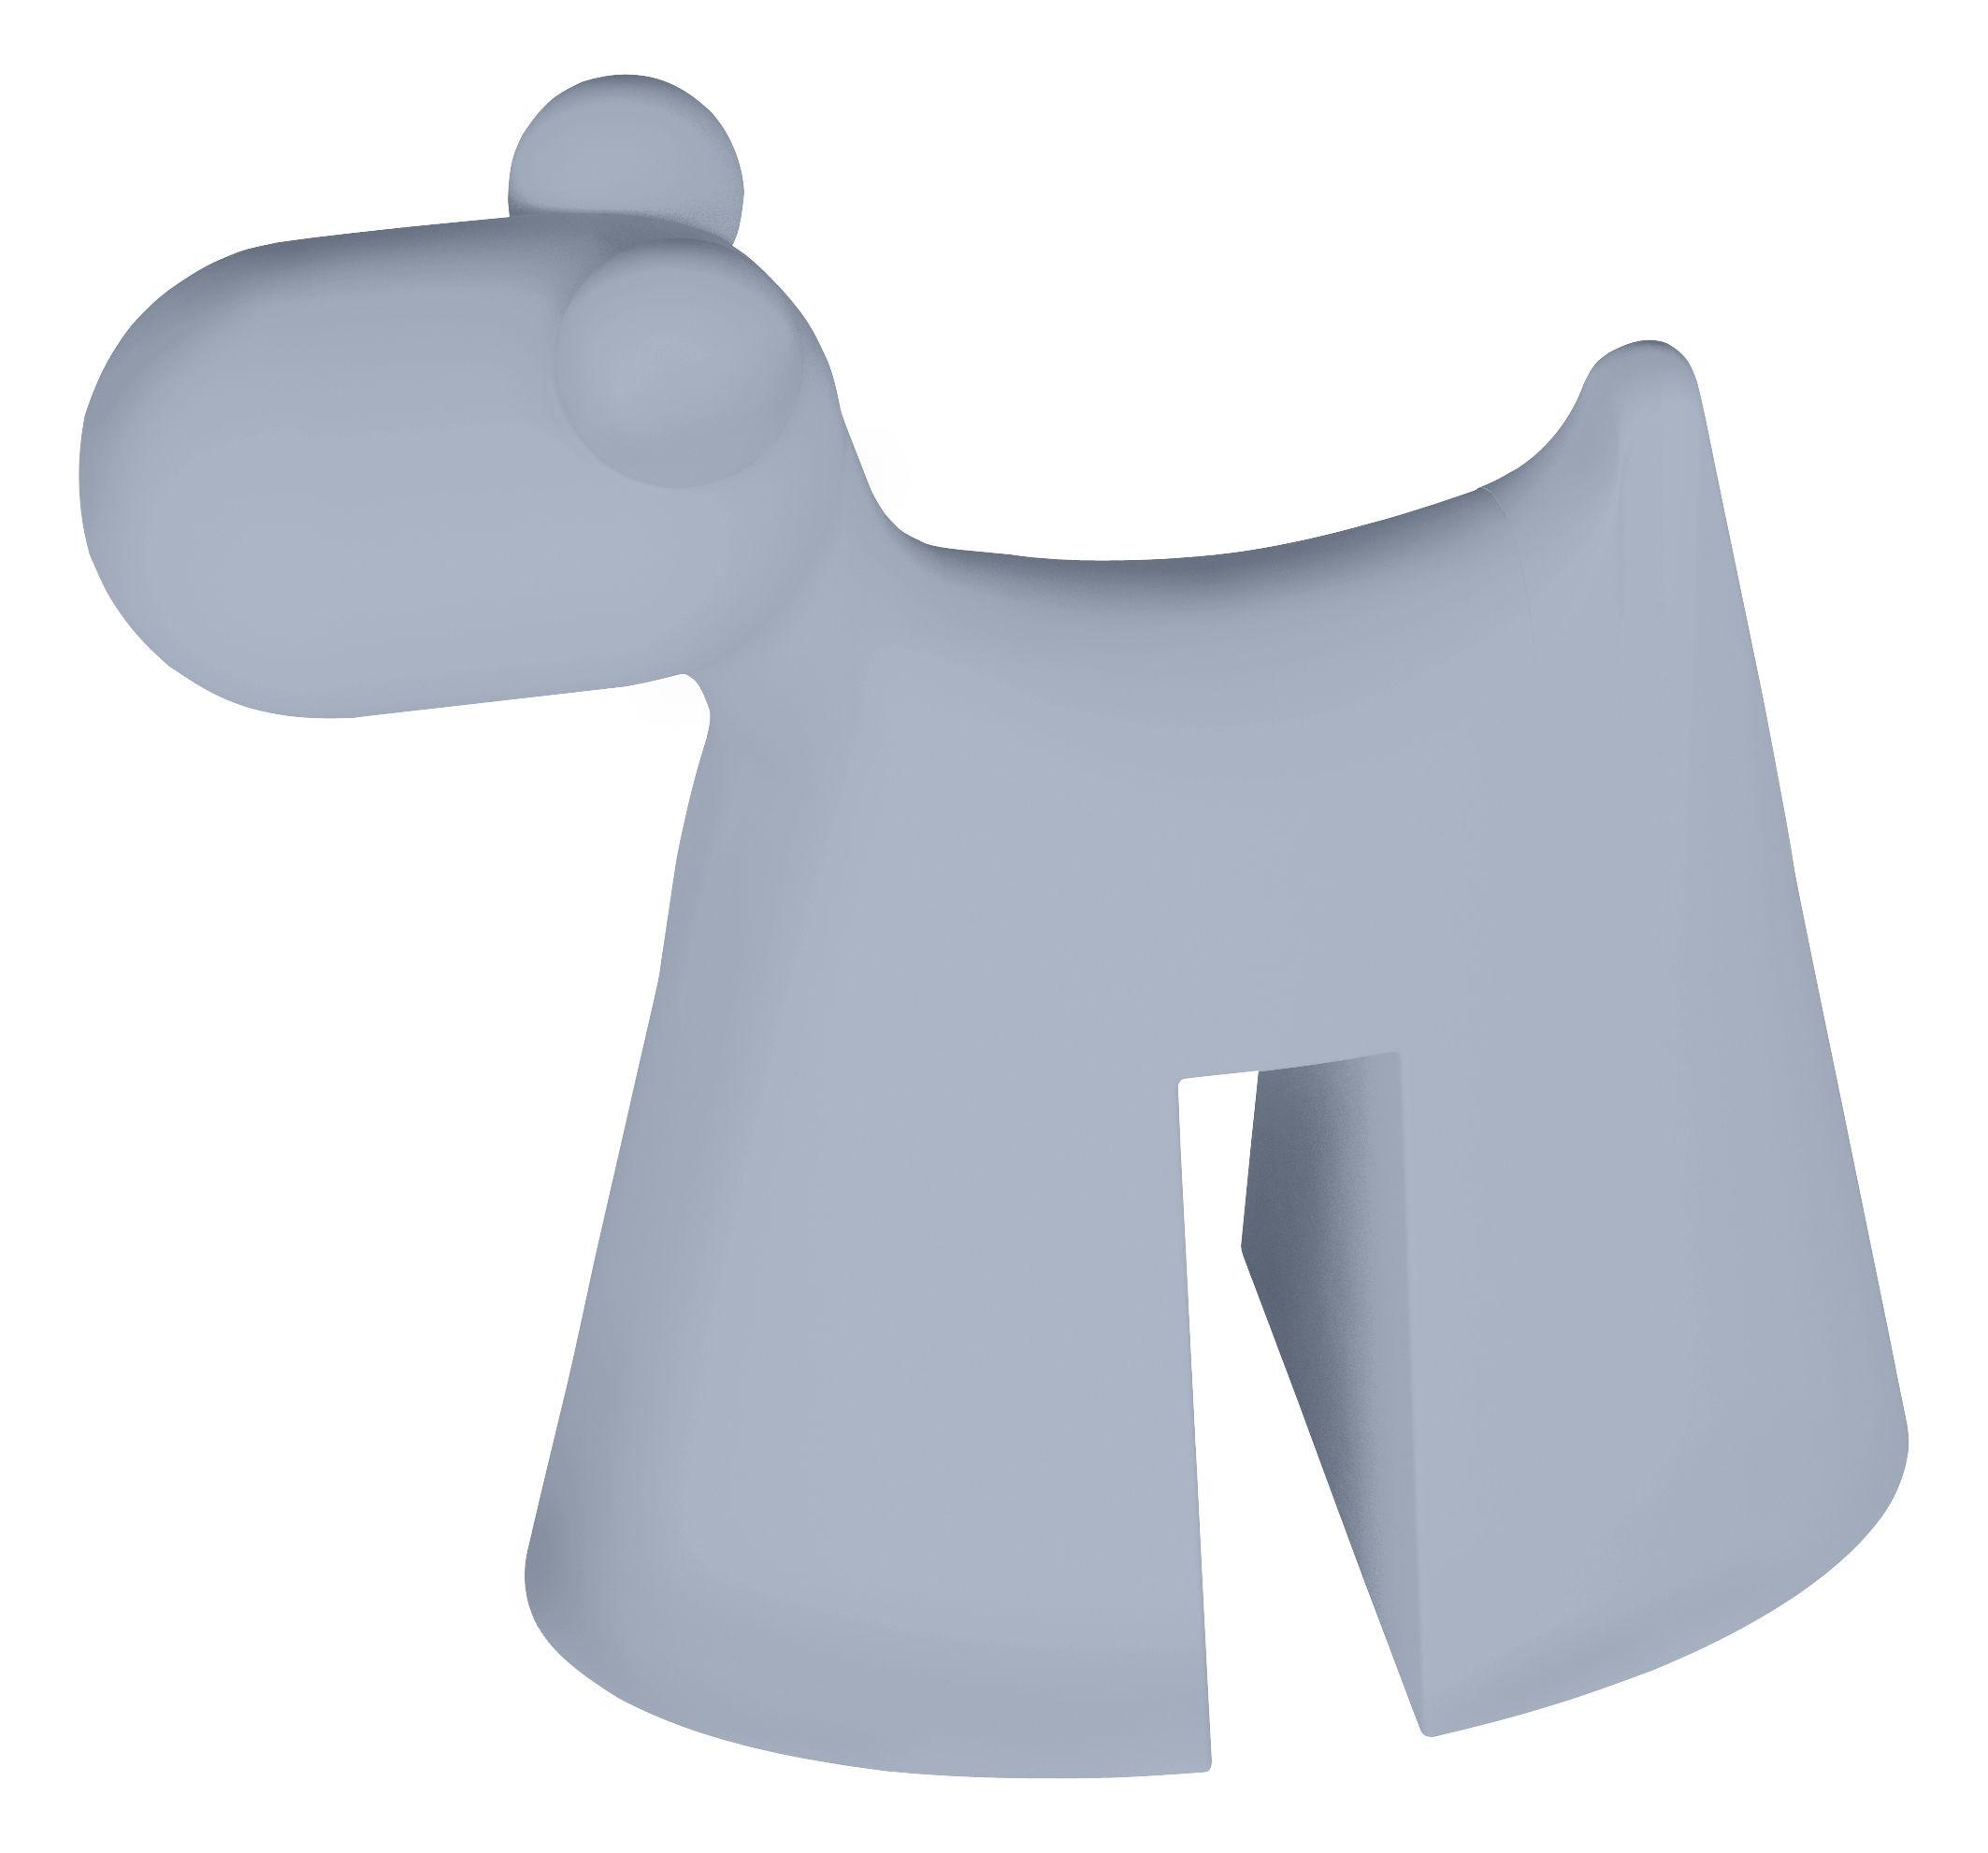 Tabouret design pour enfant Doggy de Eero Aarnio